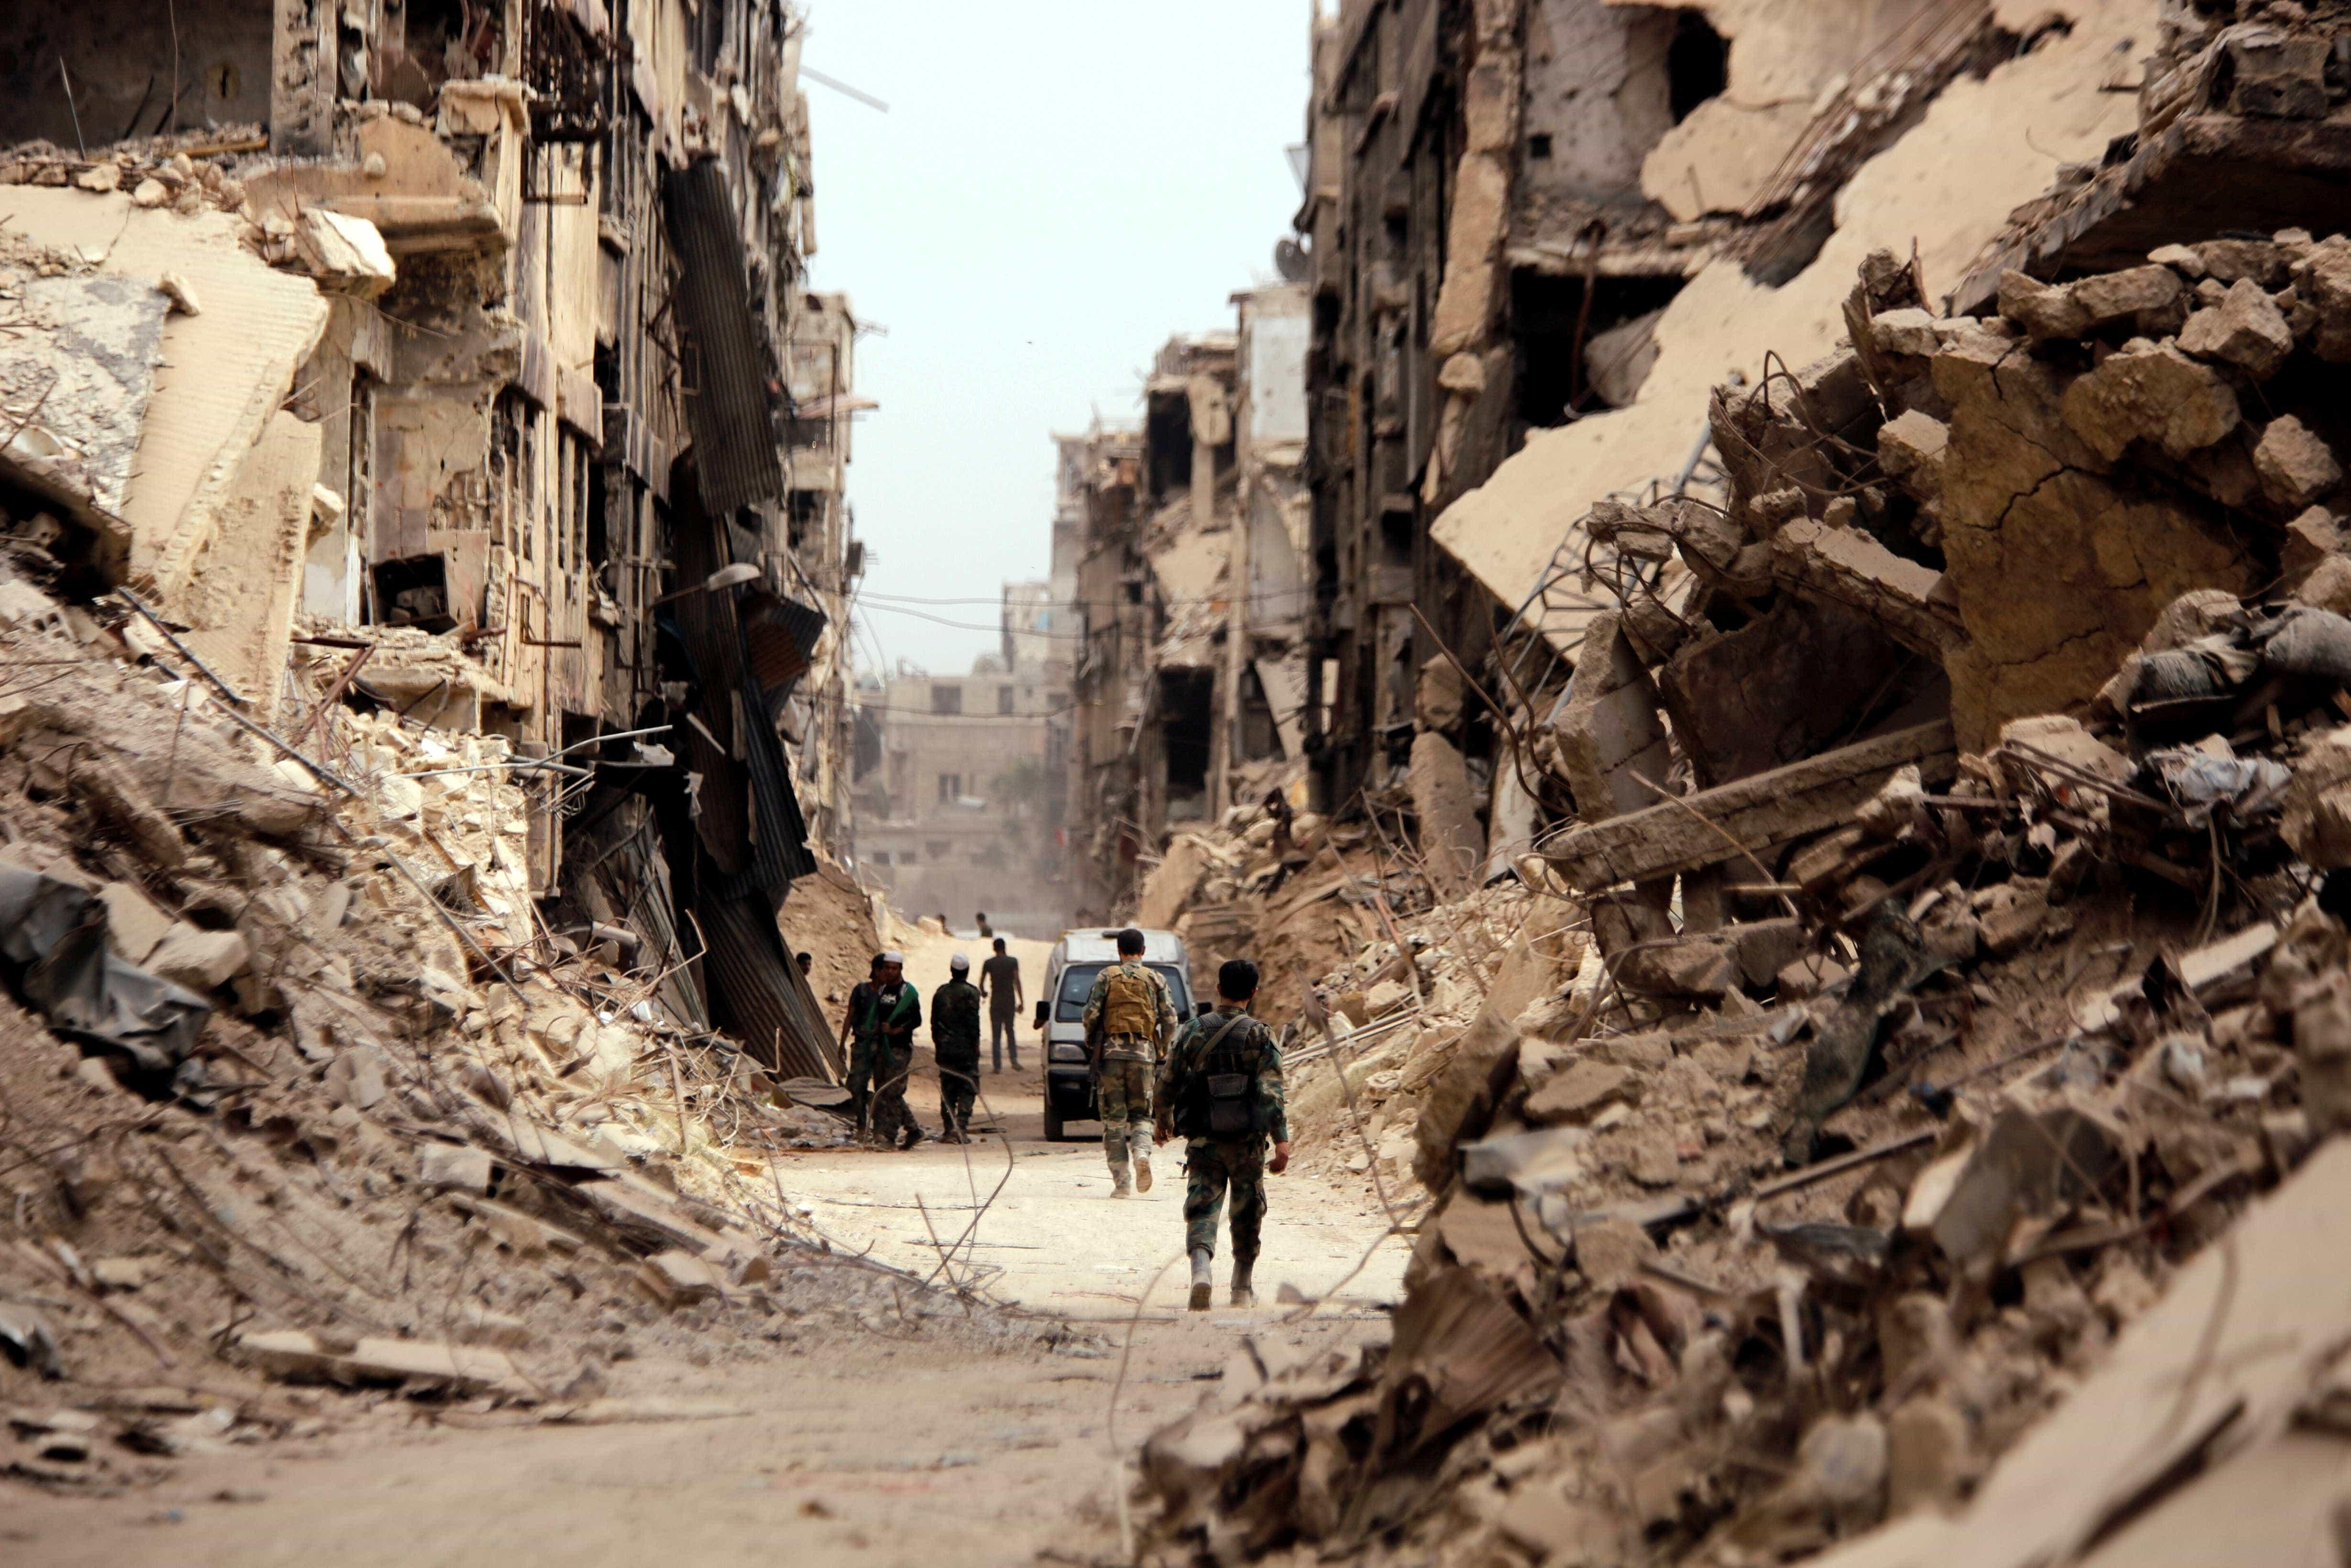 Sanções europeias contra regime sírio devem durar mais um ano